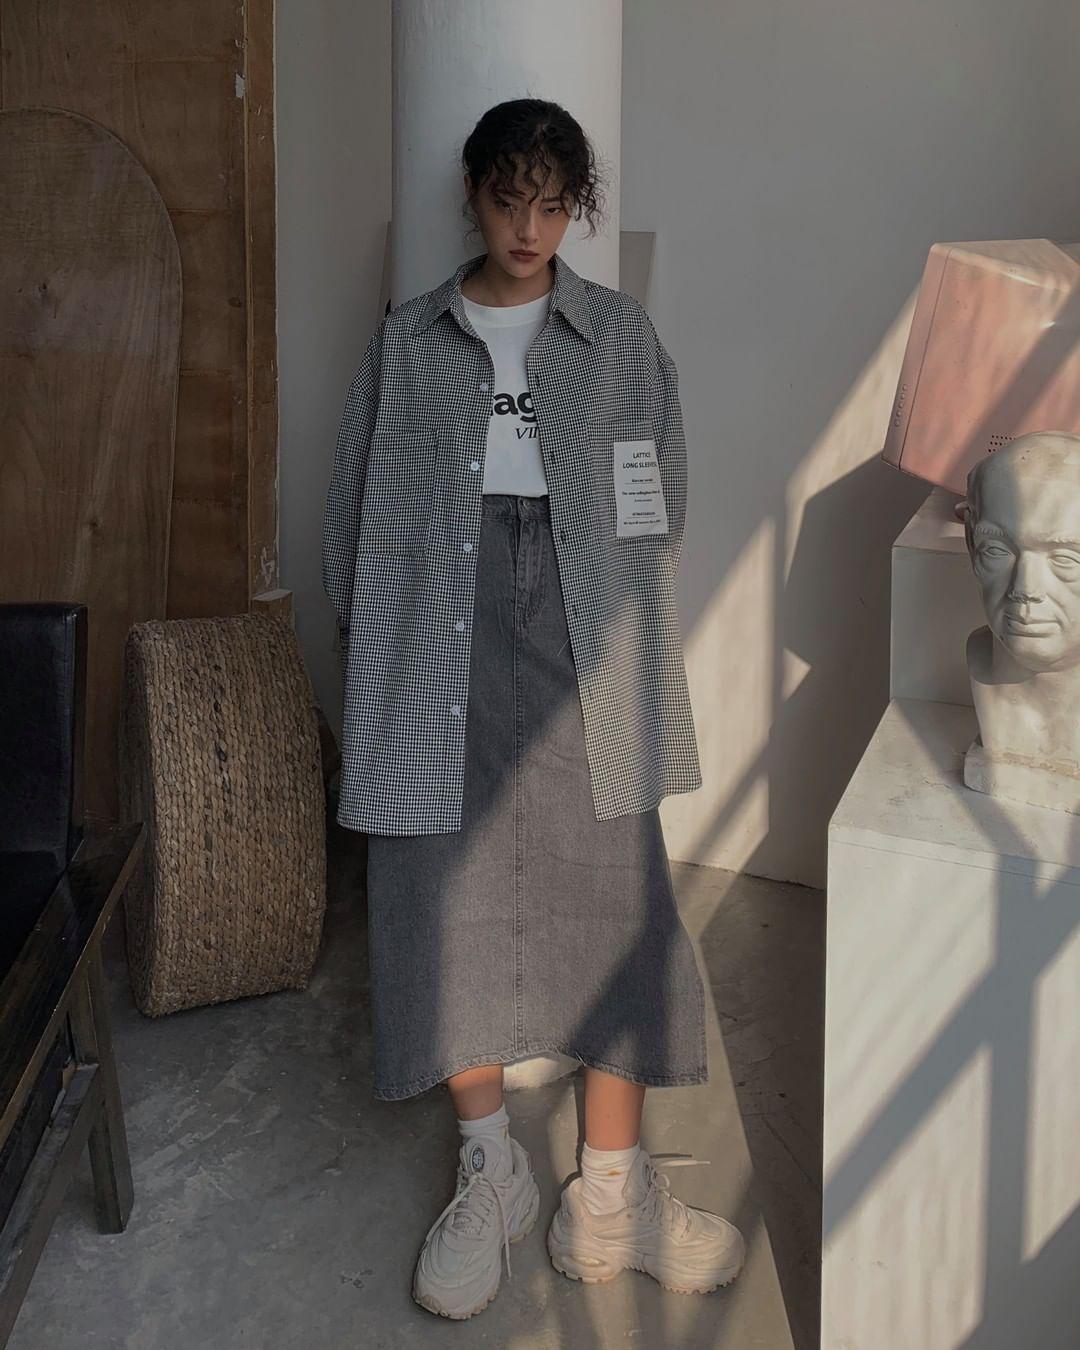 [DECAO SHOP] store thời trang với style đồ đậm màu streetwear cho những quý cô ưa cá tính (1)